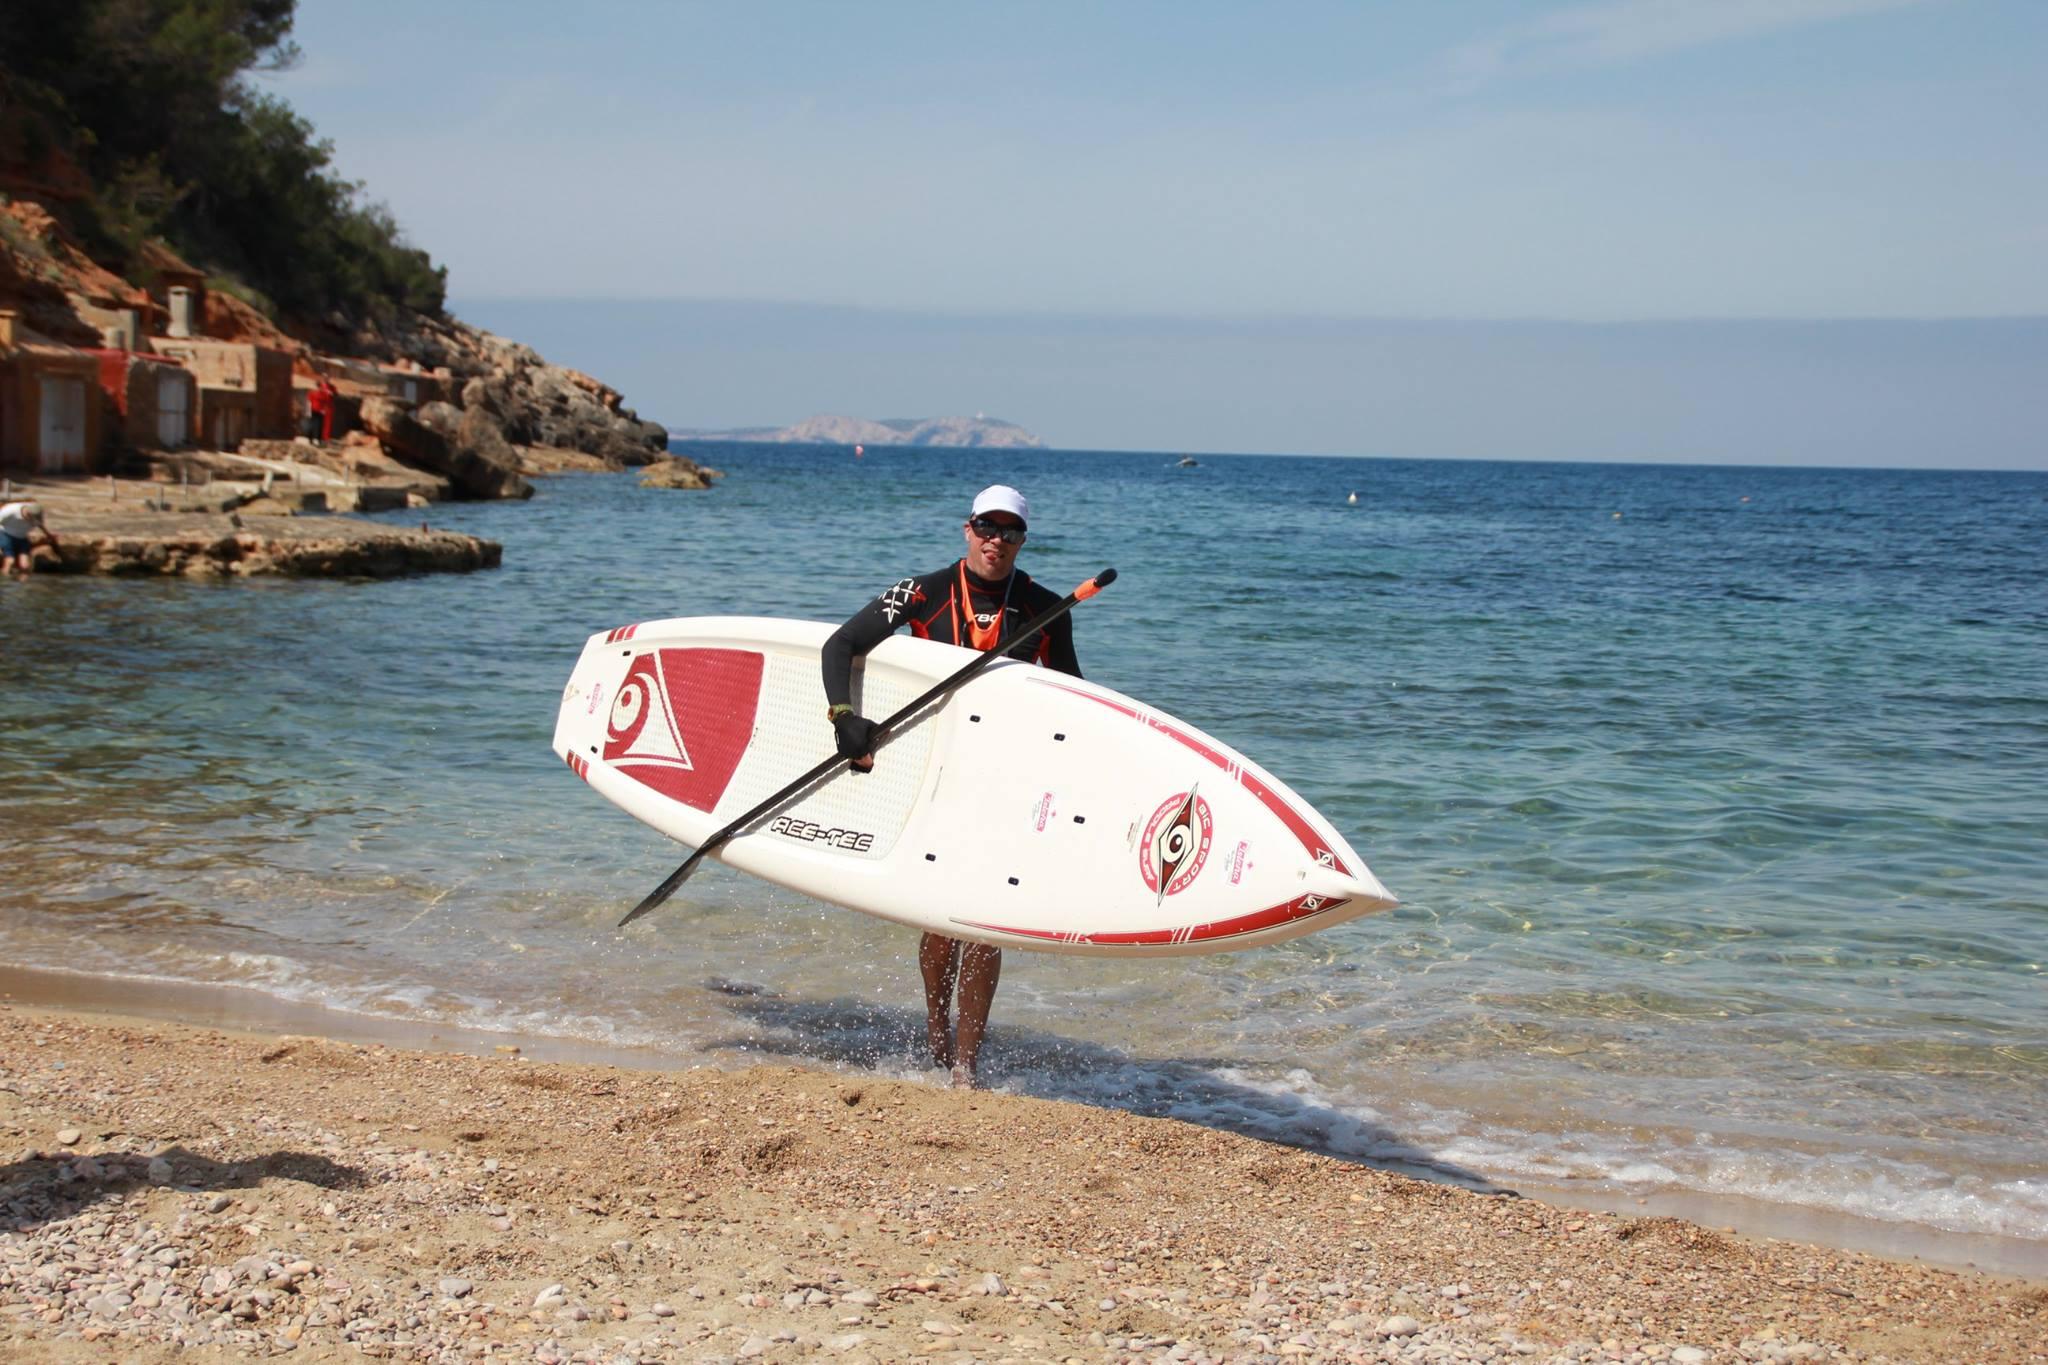 Choisir sa première planche de stand up paddle